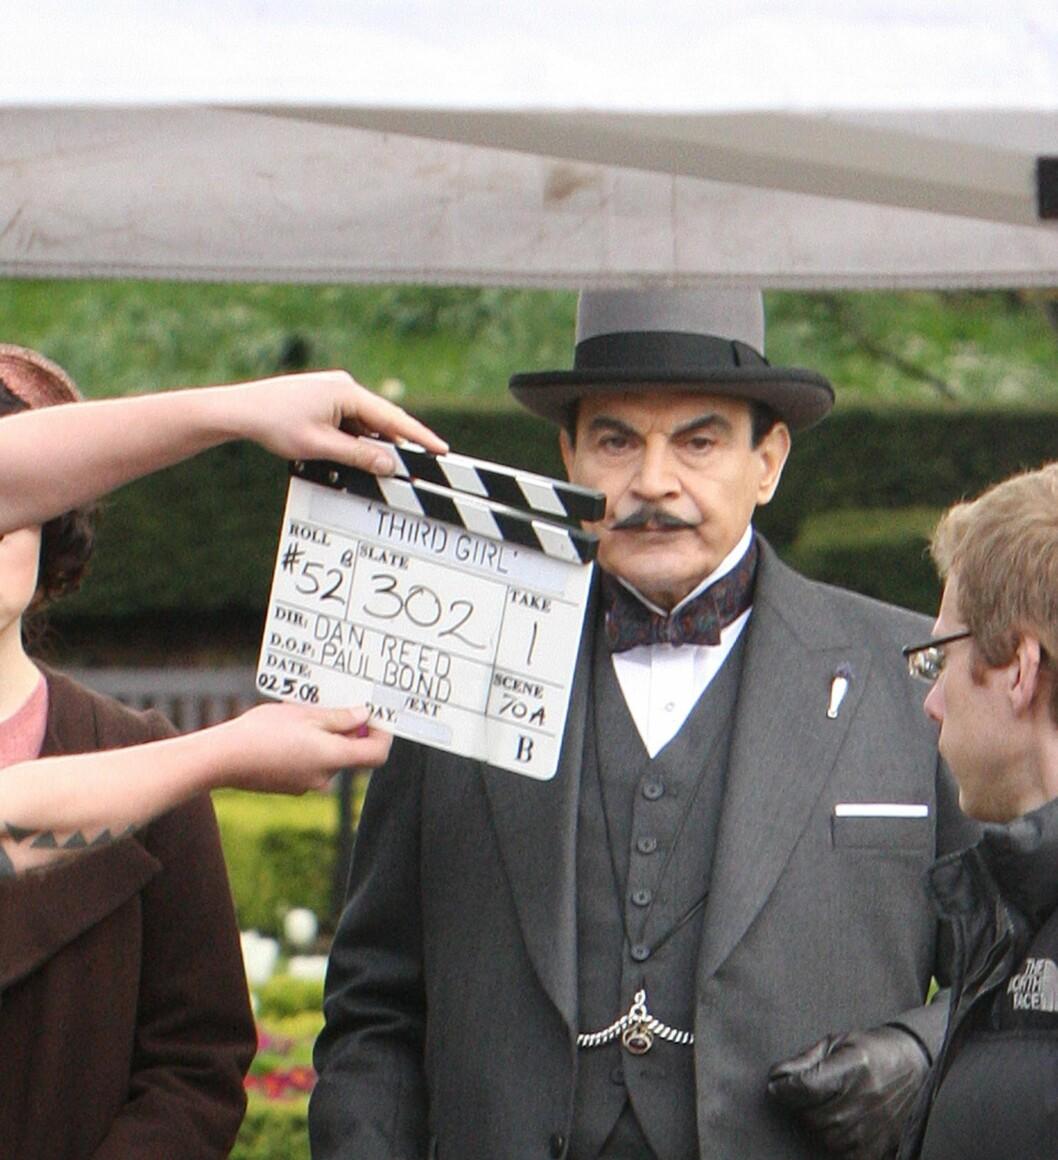 FAVORITT: David Suchet er Agatha Christies Poirot på lerretet, og godt kjent for oss nordmenn. Foto: NTB-Scanpix